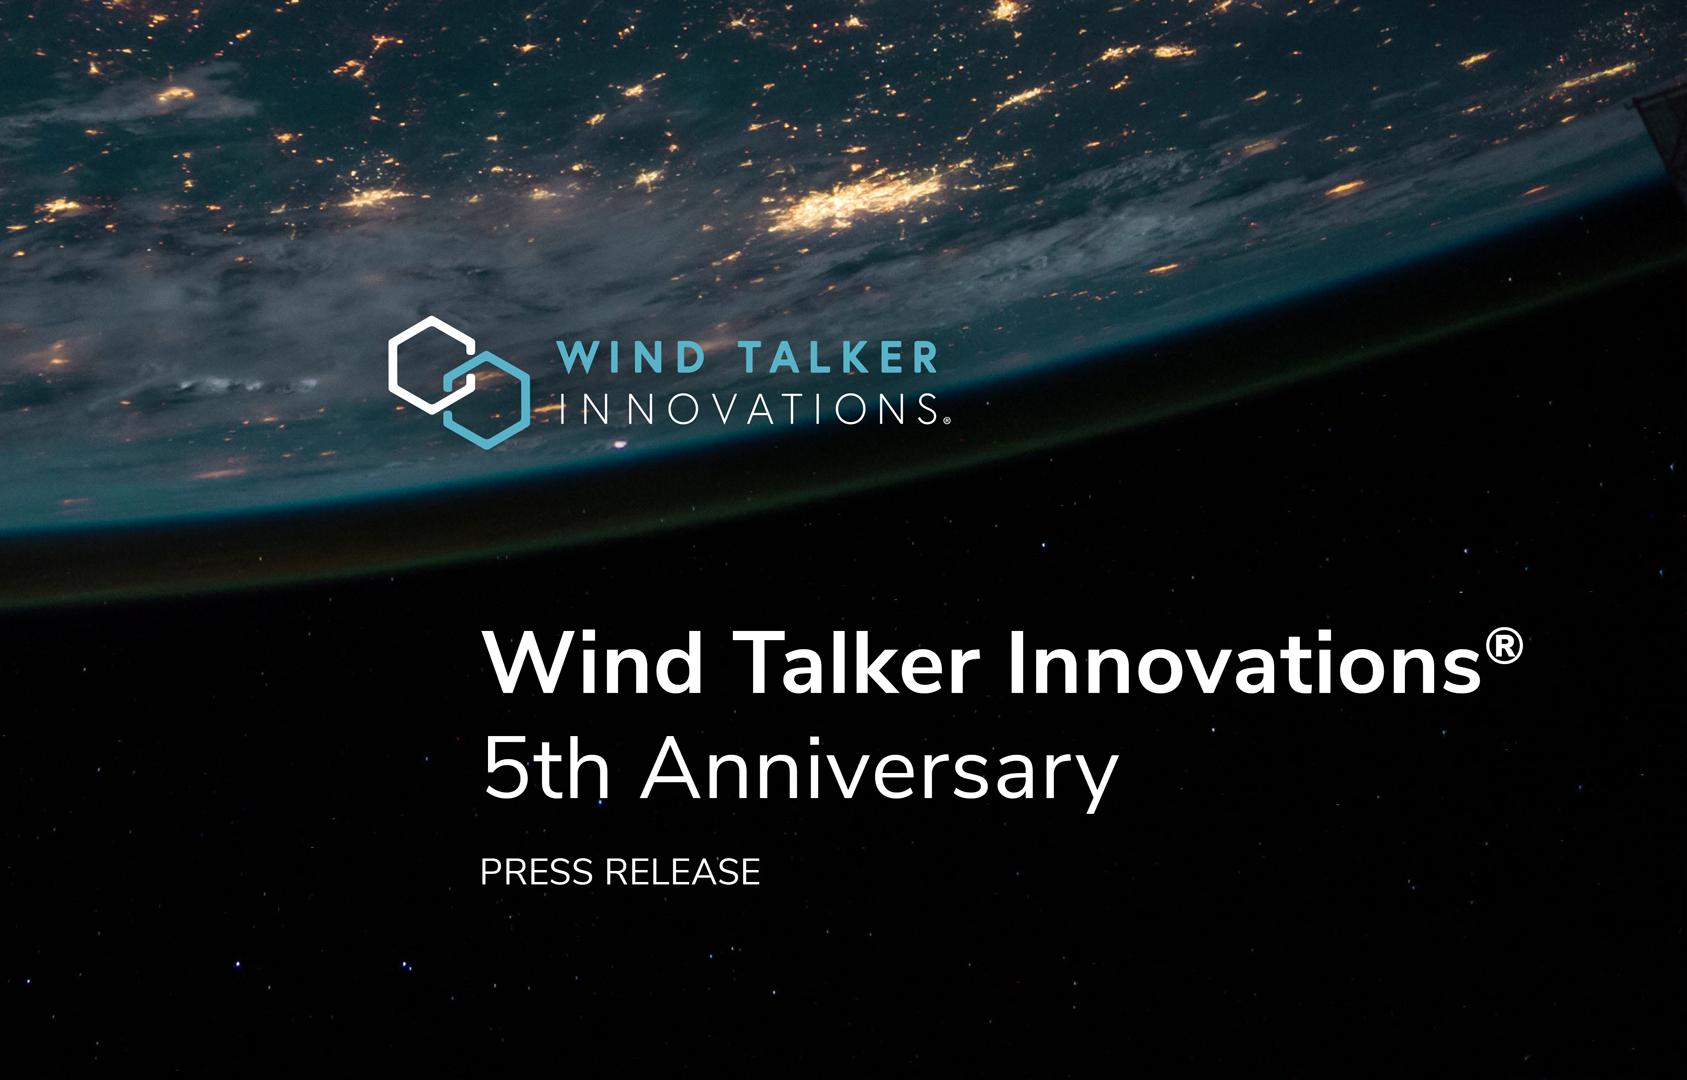 Wind Talker Innovations® 5th Anniversary